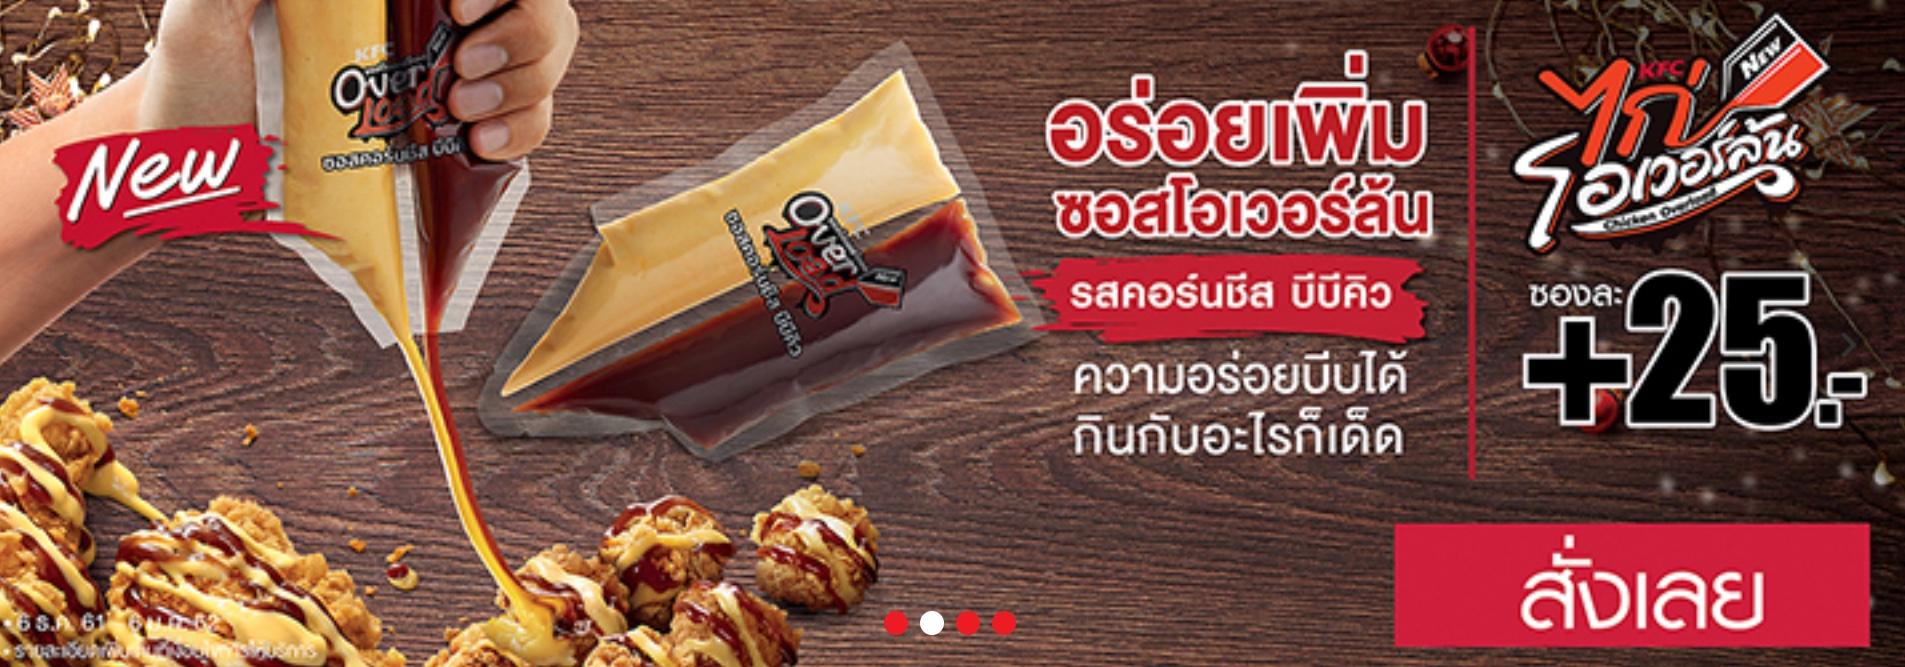 KFC Thailand - Overload Chicken